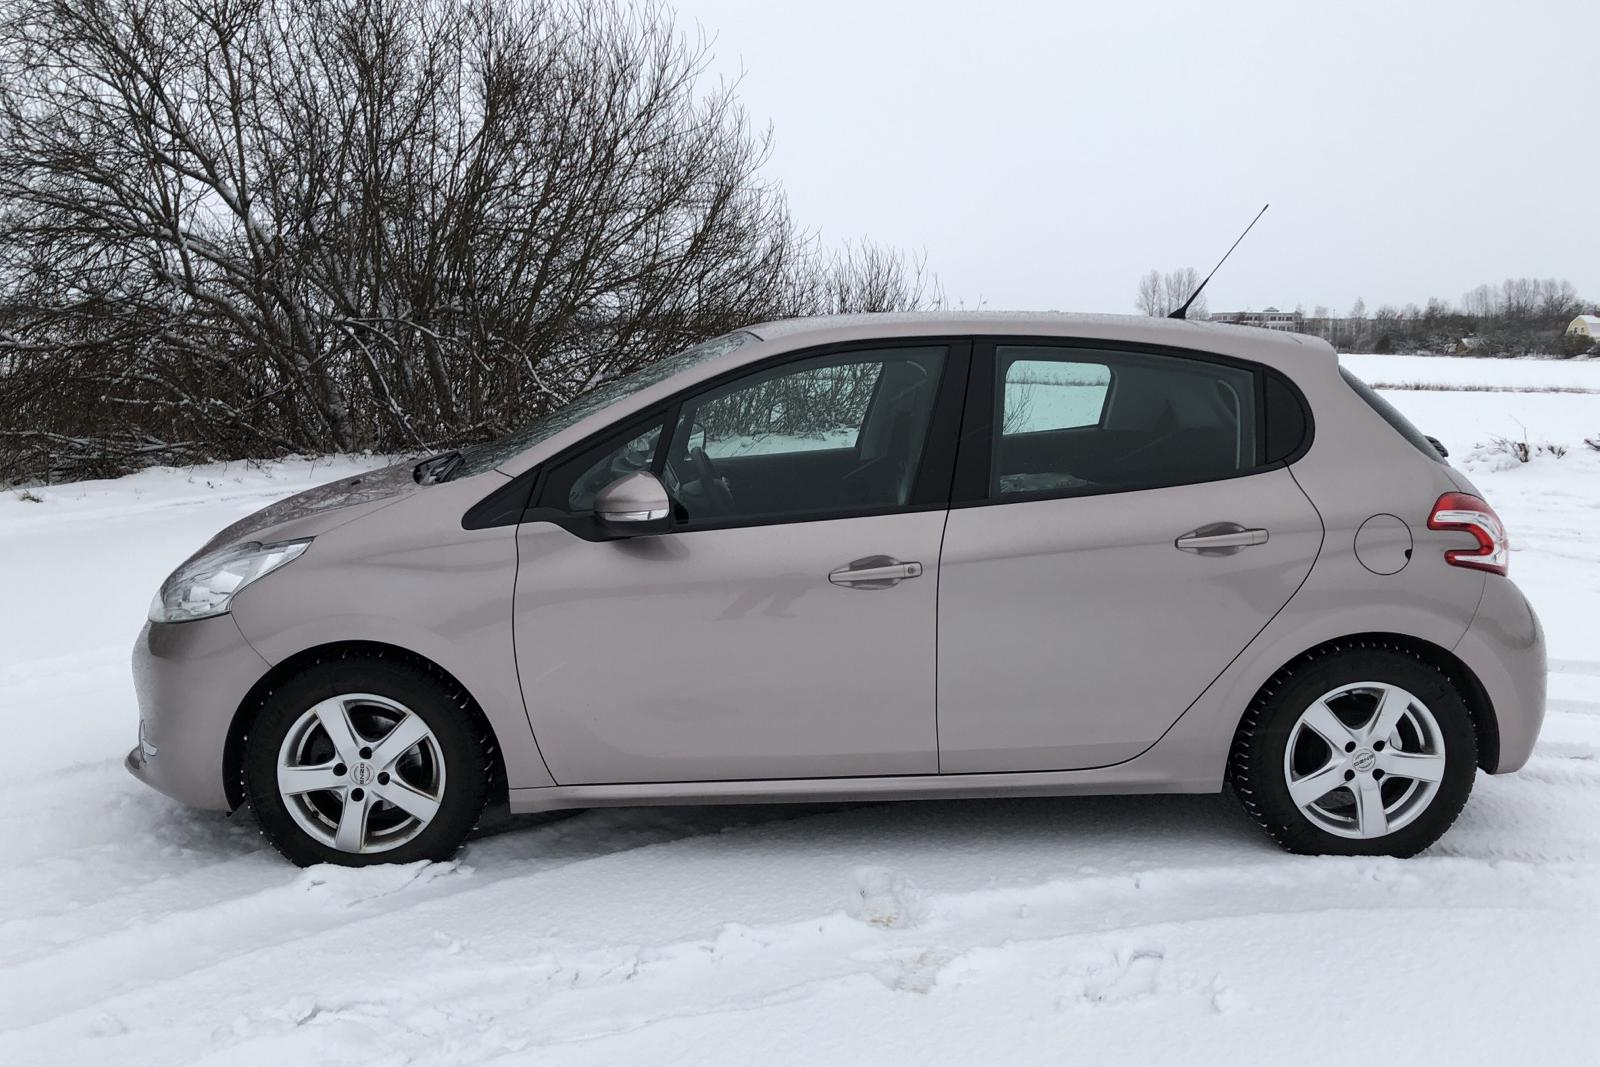 Peugeot 208 1.4 e-HDi 5dr (68hk) - 70 900 km - Manual - Light Grey - 2012